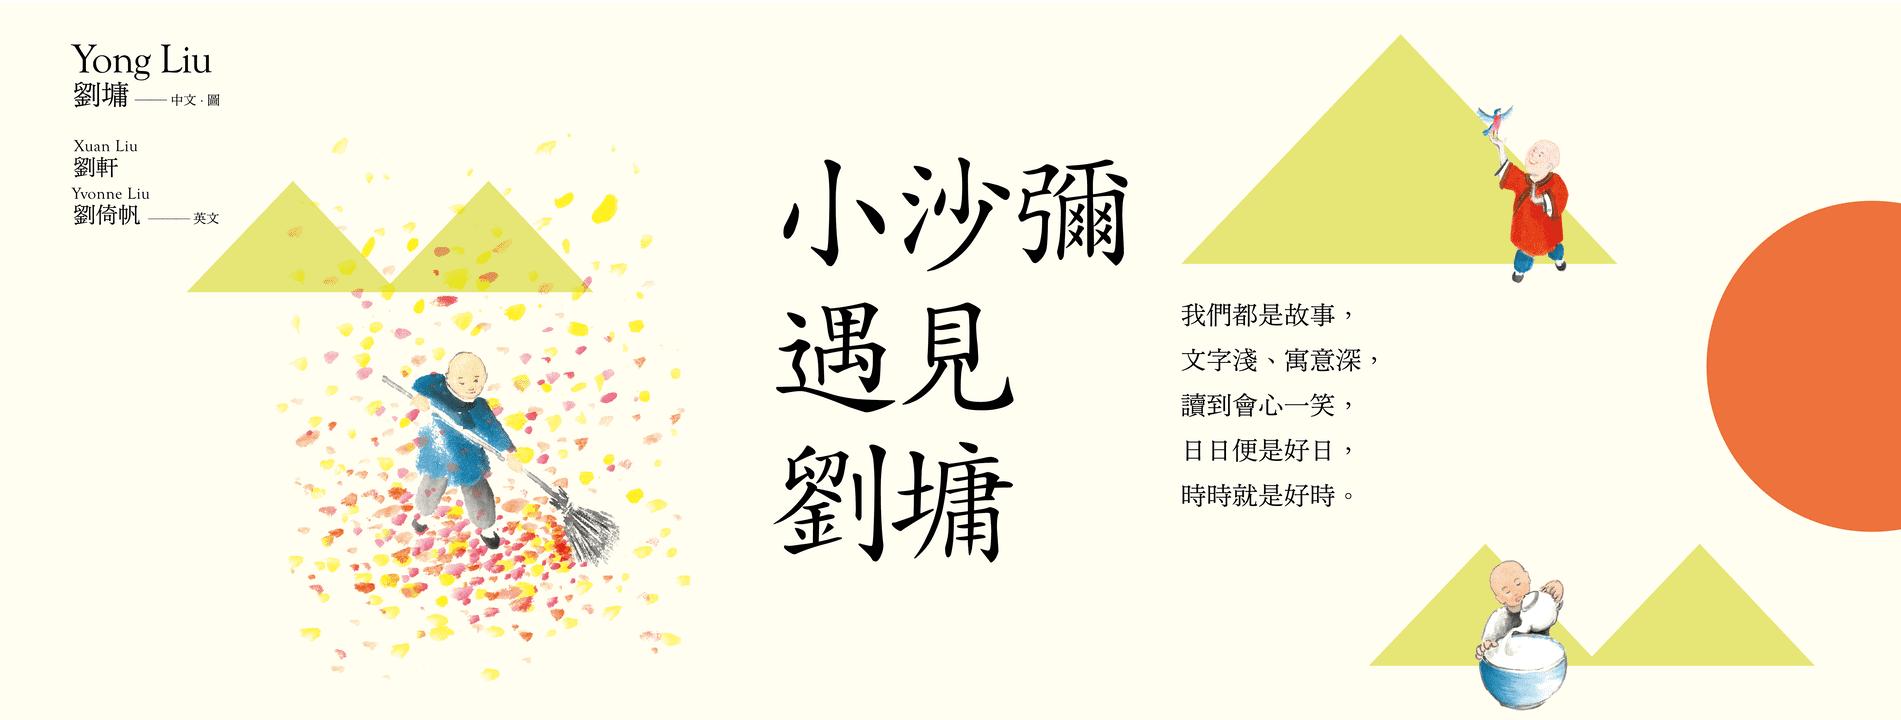 Banner Book Yong Banner